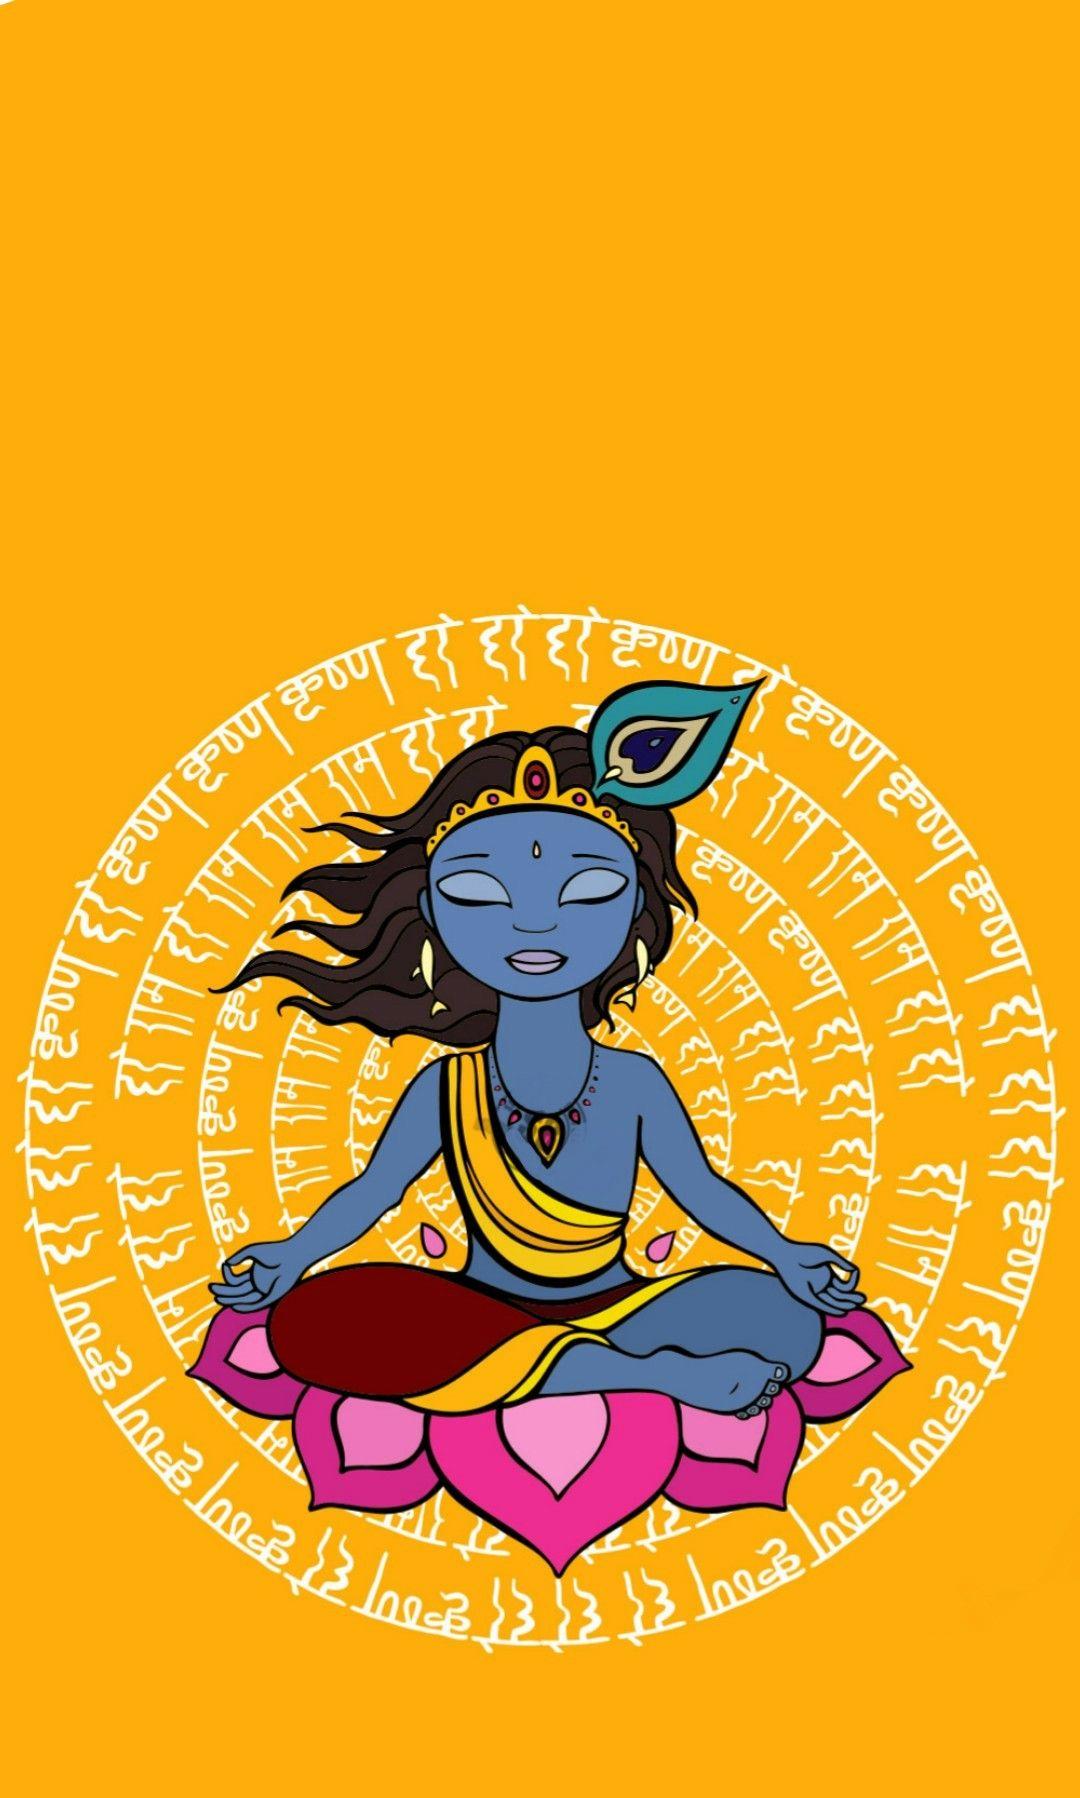 Pin by Nihal Patel on wall Art | Pinterest | Krishna, Krishna art ...